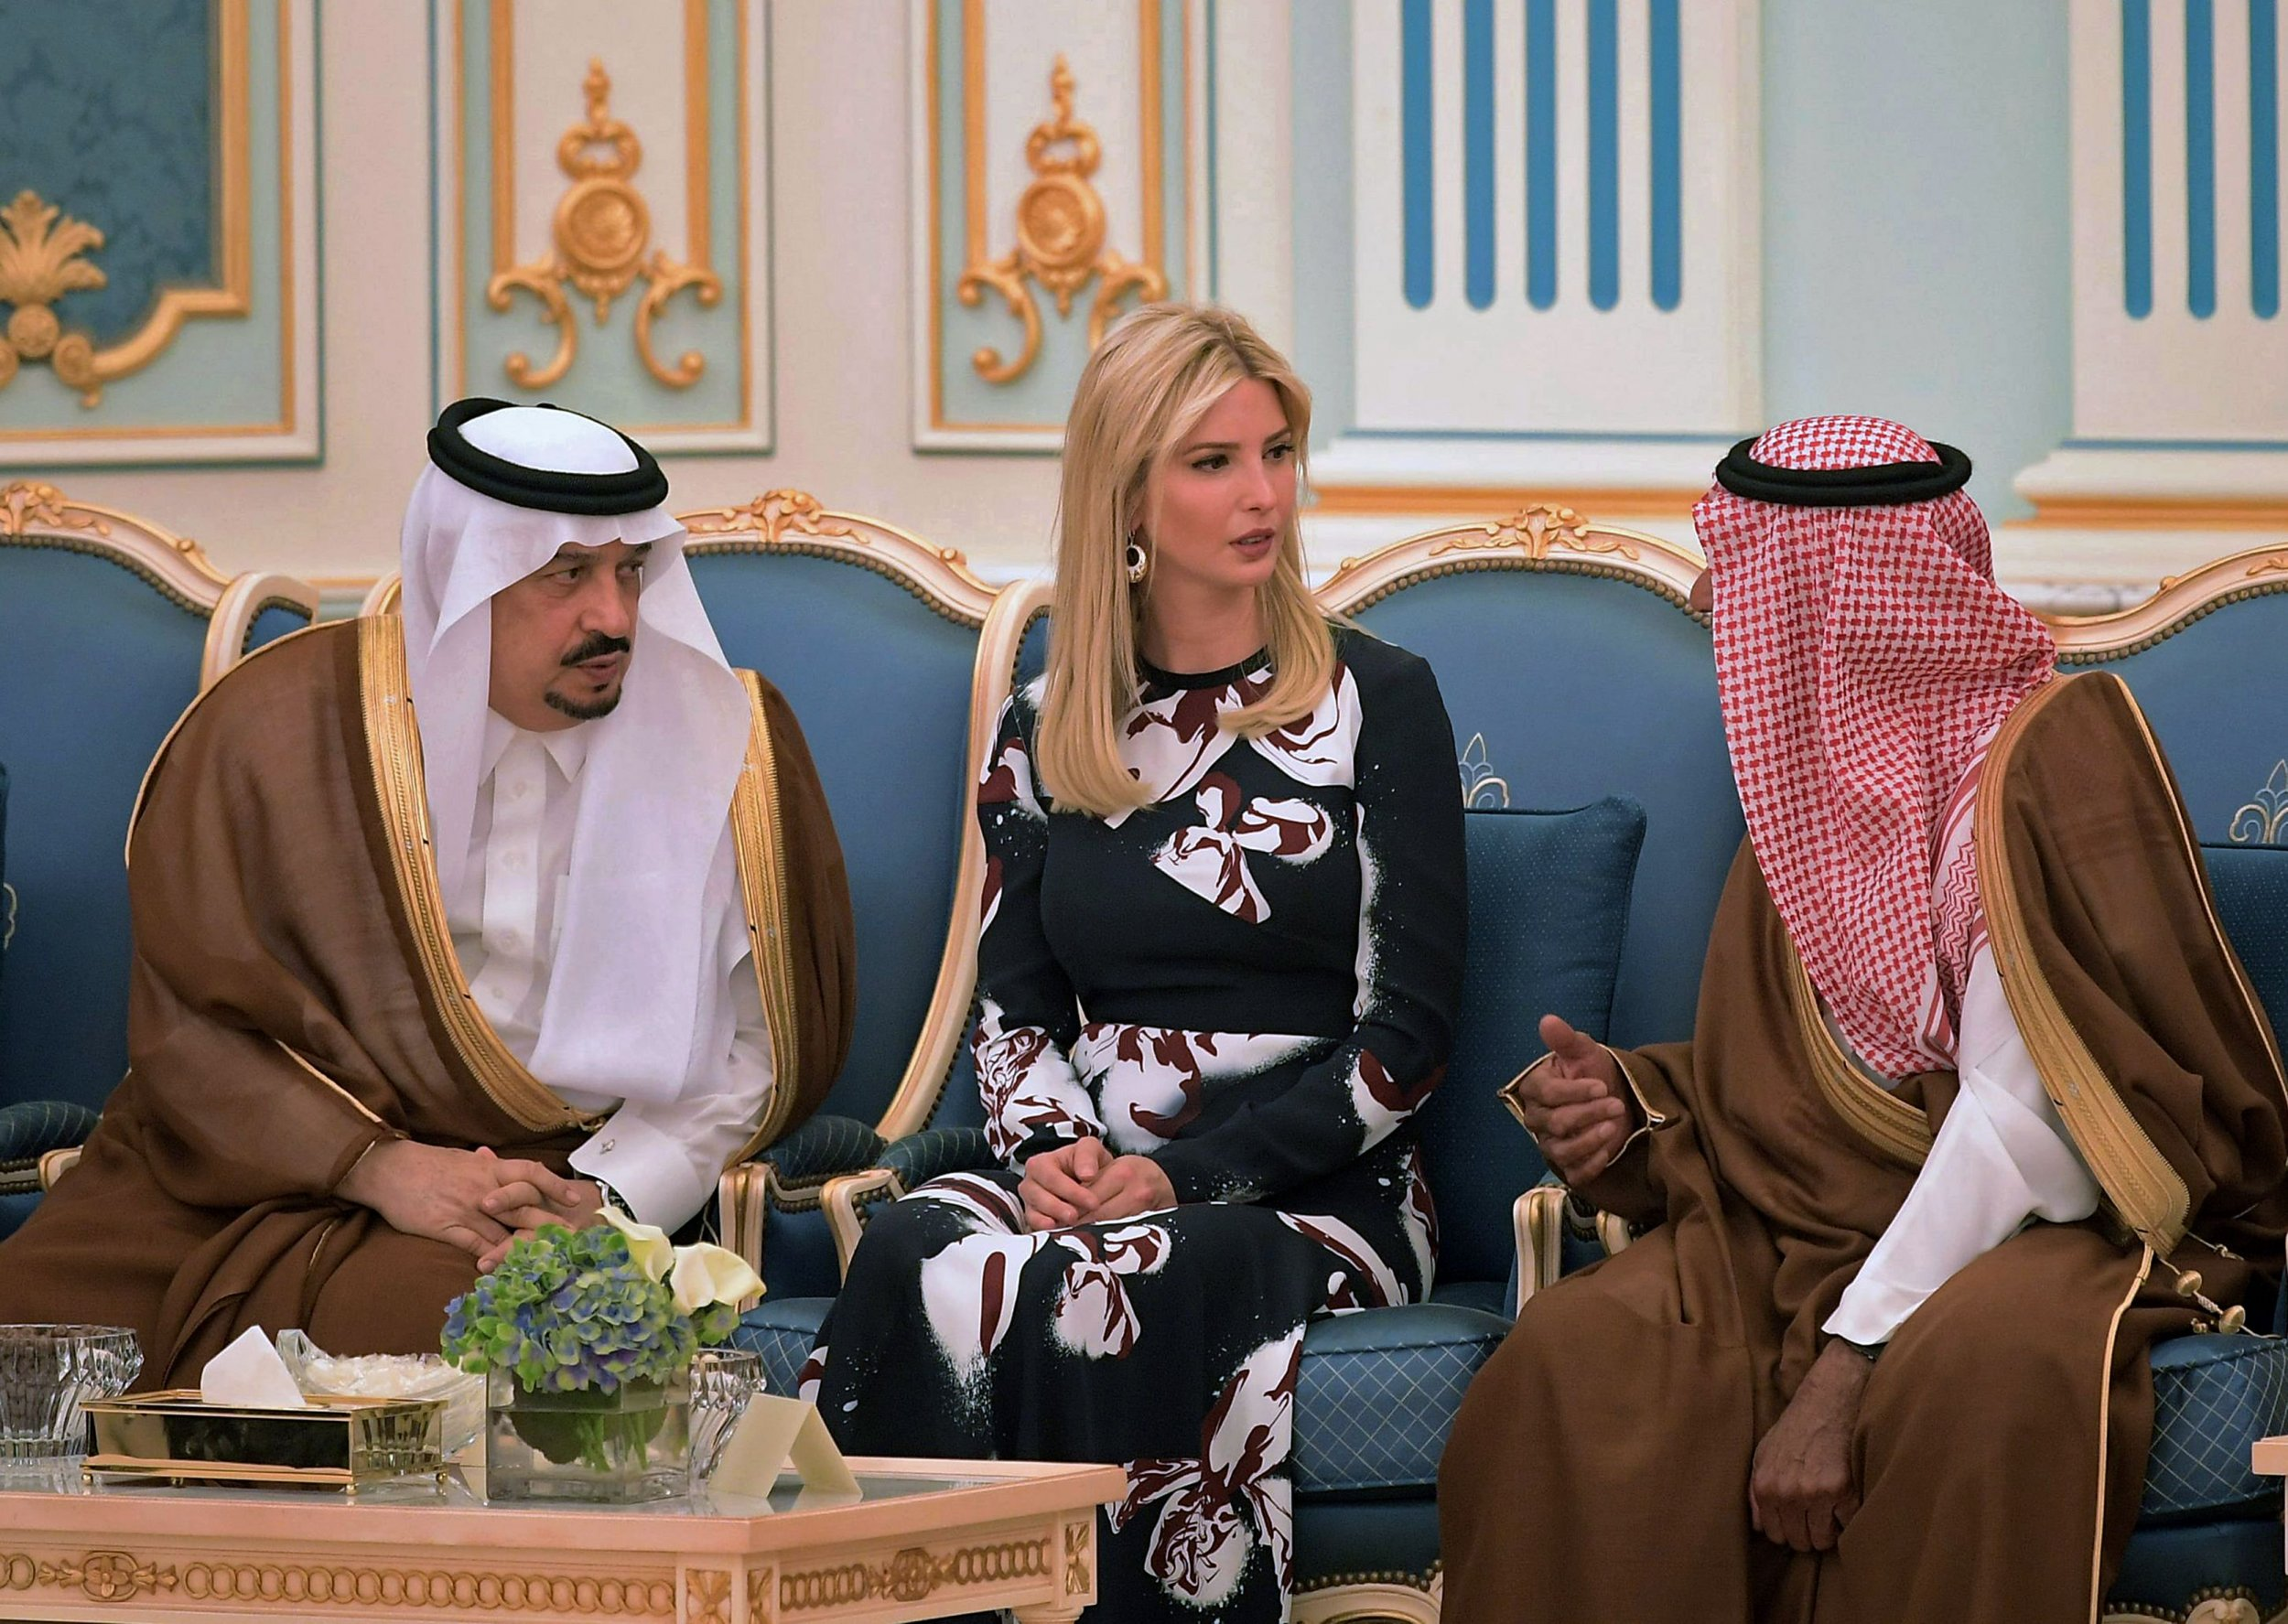 Ivanka Trump in Saudi Arabia